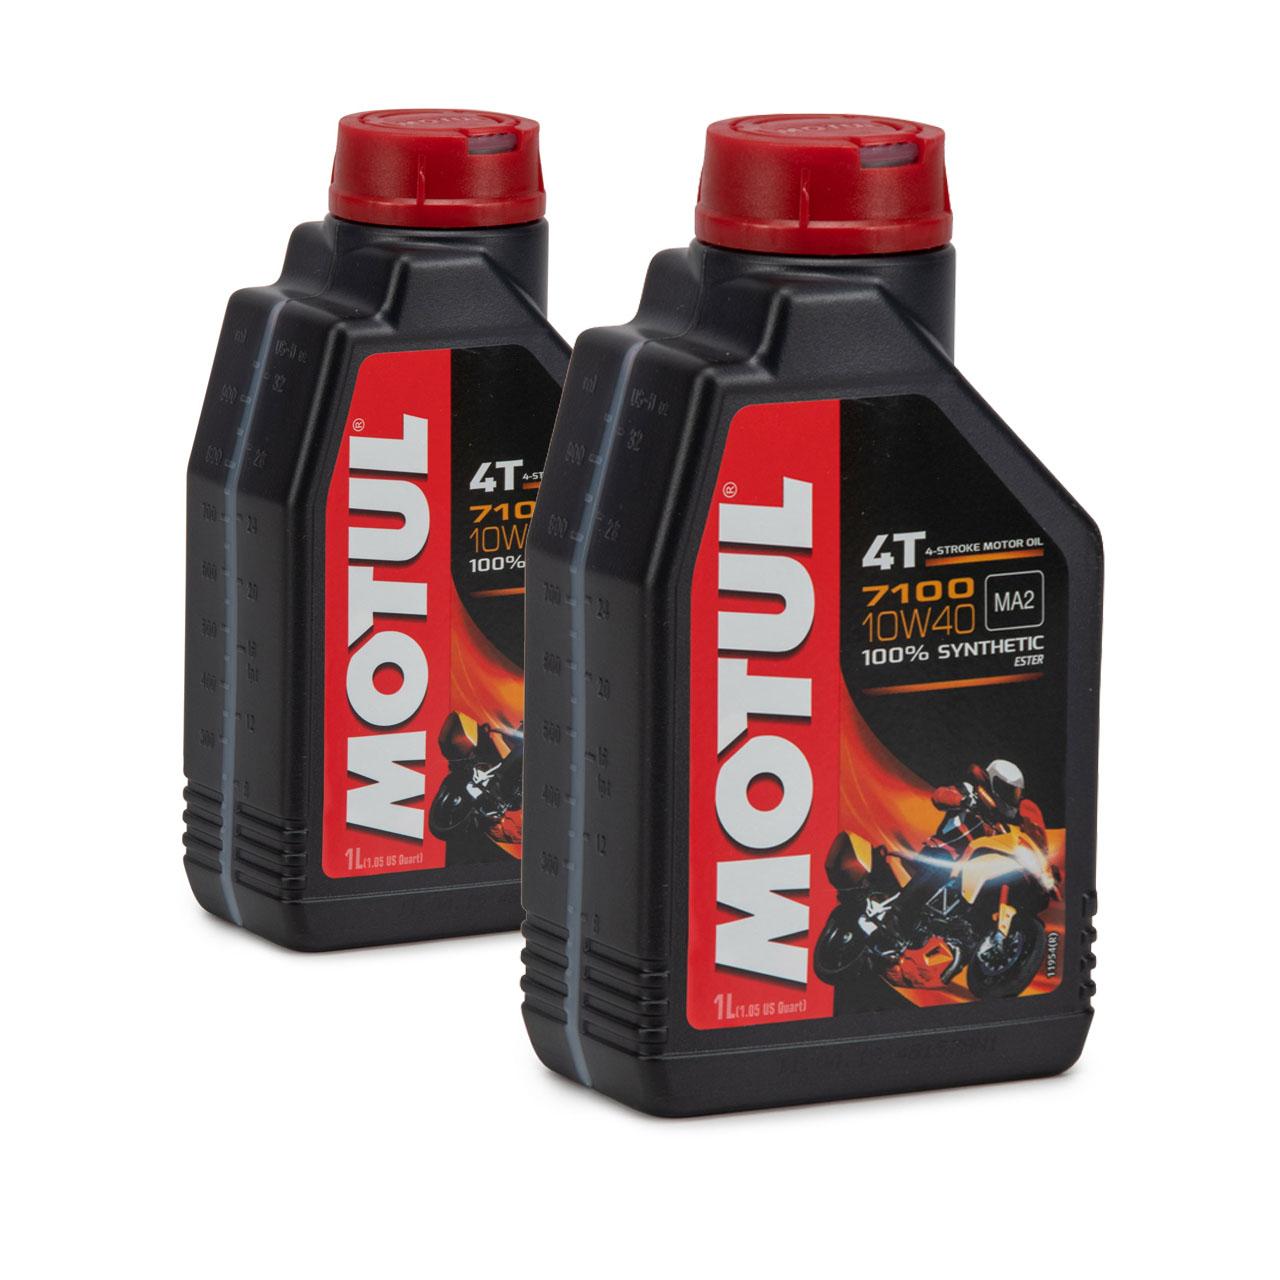 MOTUL 7100 4T 4-TAKT Motoröl ÖL 10W40 Motorrad API SL SM SN MA2 - 2L 2 Liter